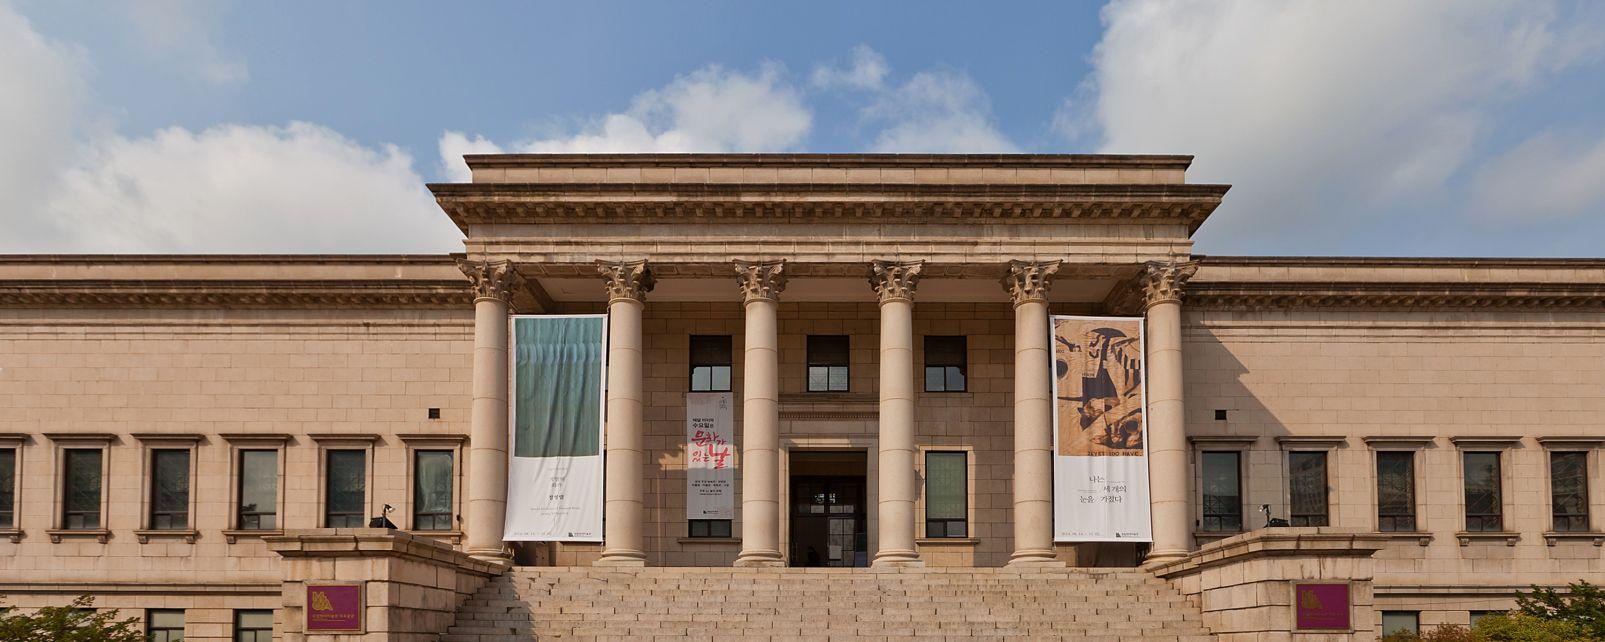 Le musée d'art contemporain de Séoul, Museums, South Korea